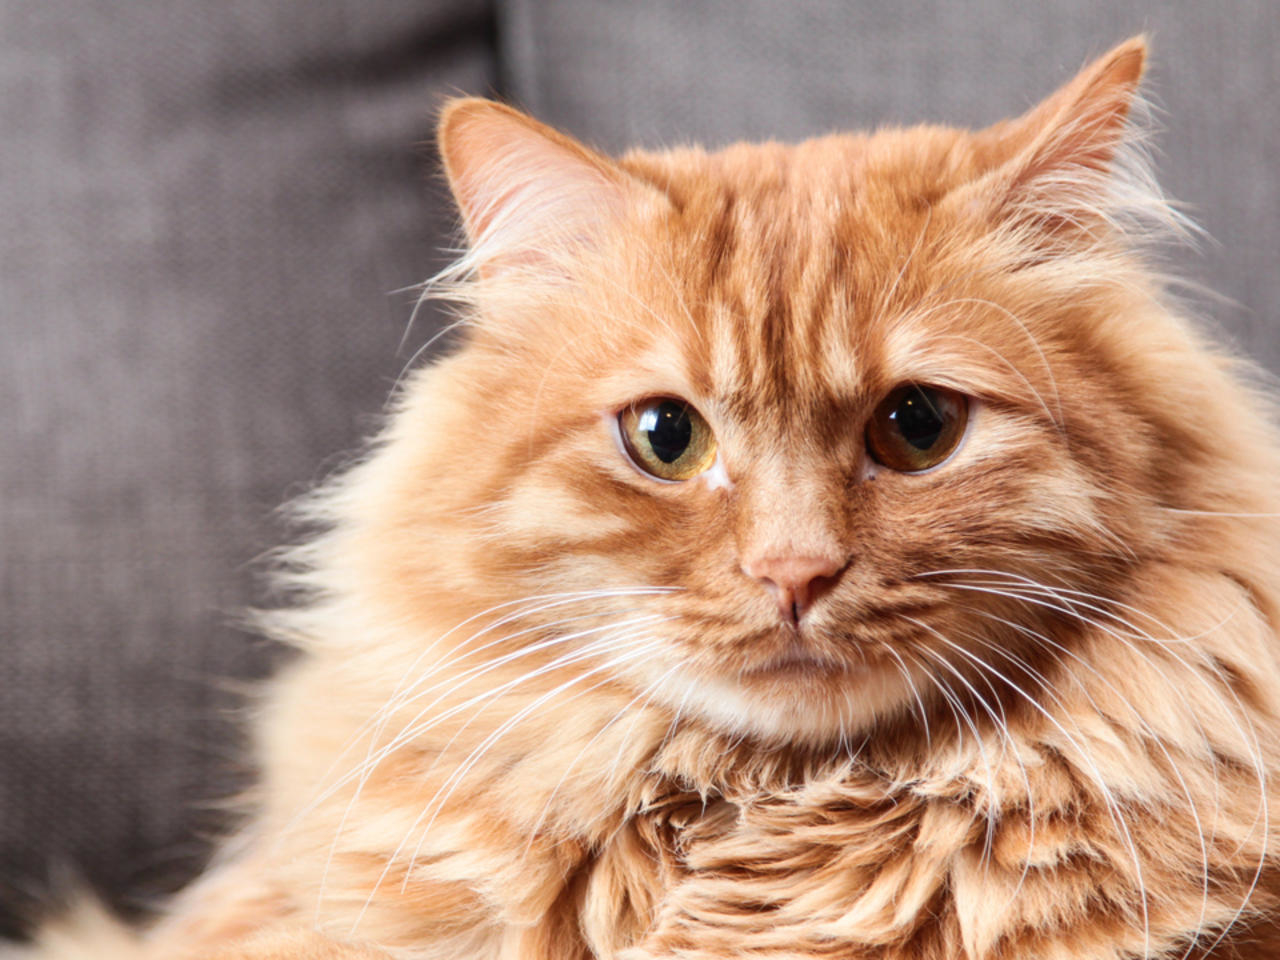 Con parpadearle a los gatos puedes ganarte su confianza